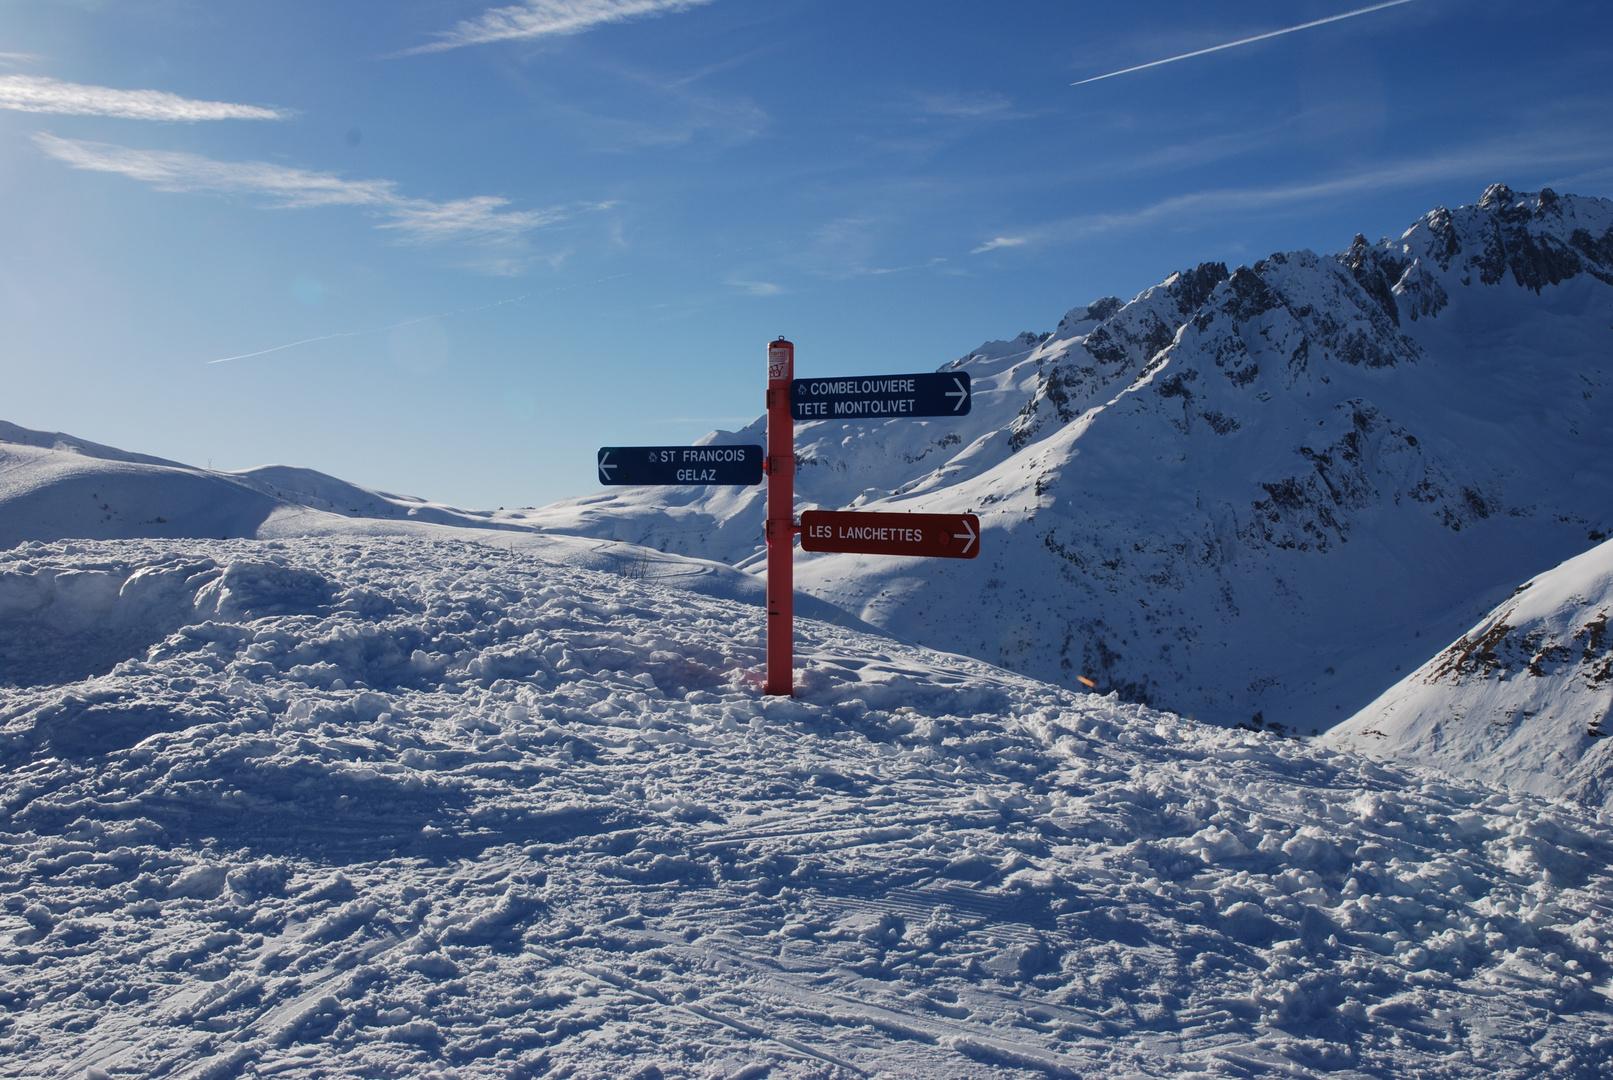 Wegweiser im Schnee